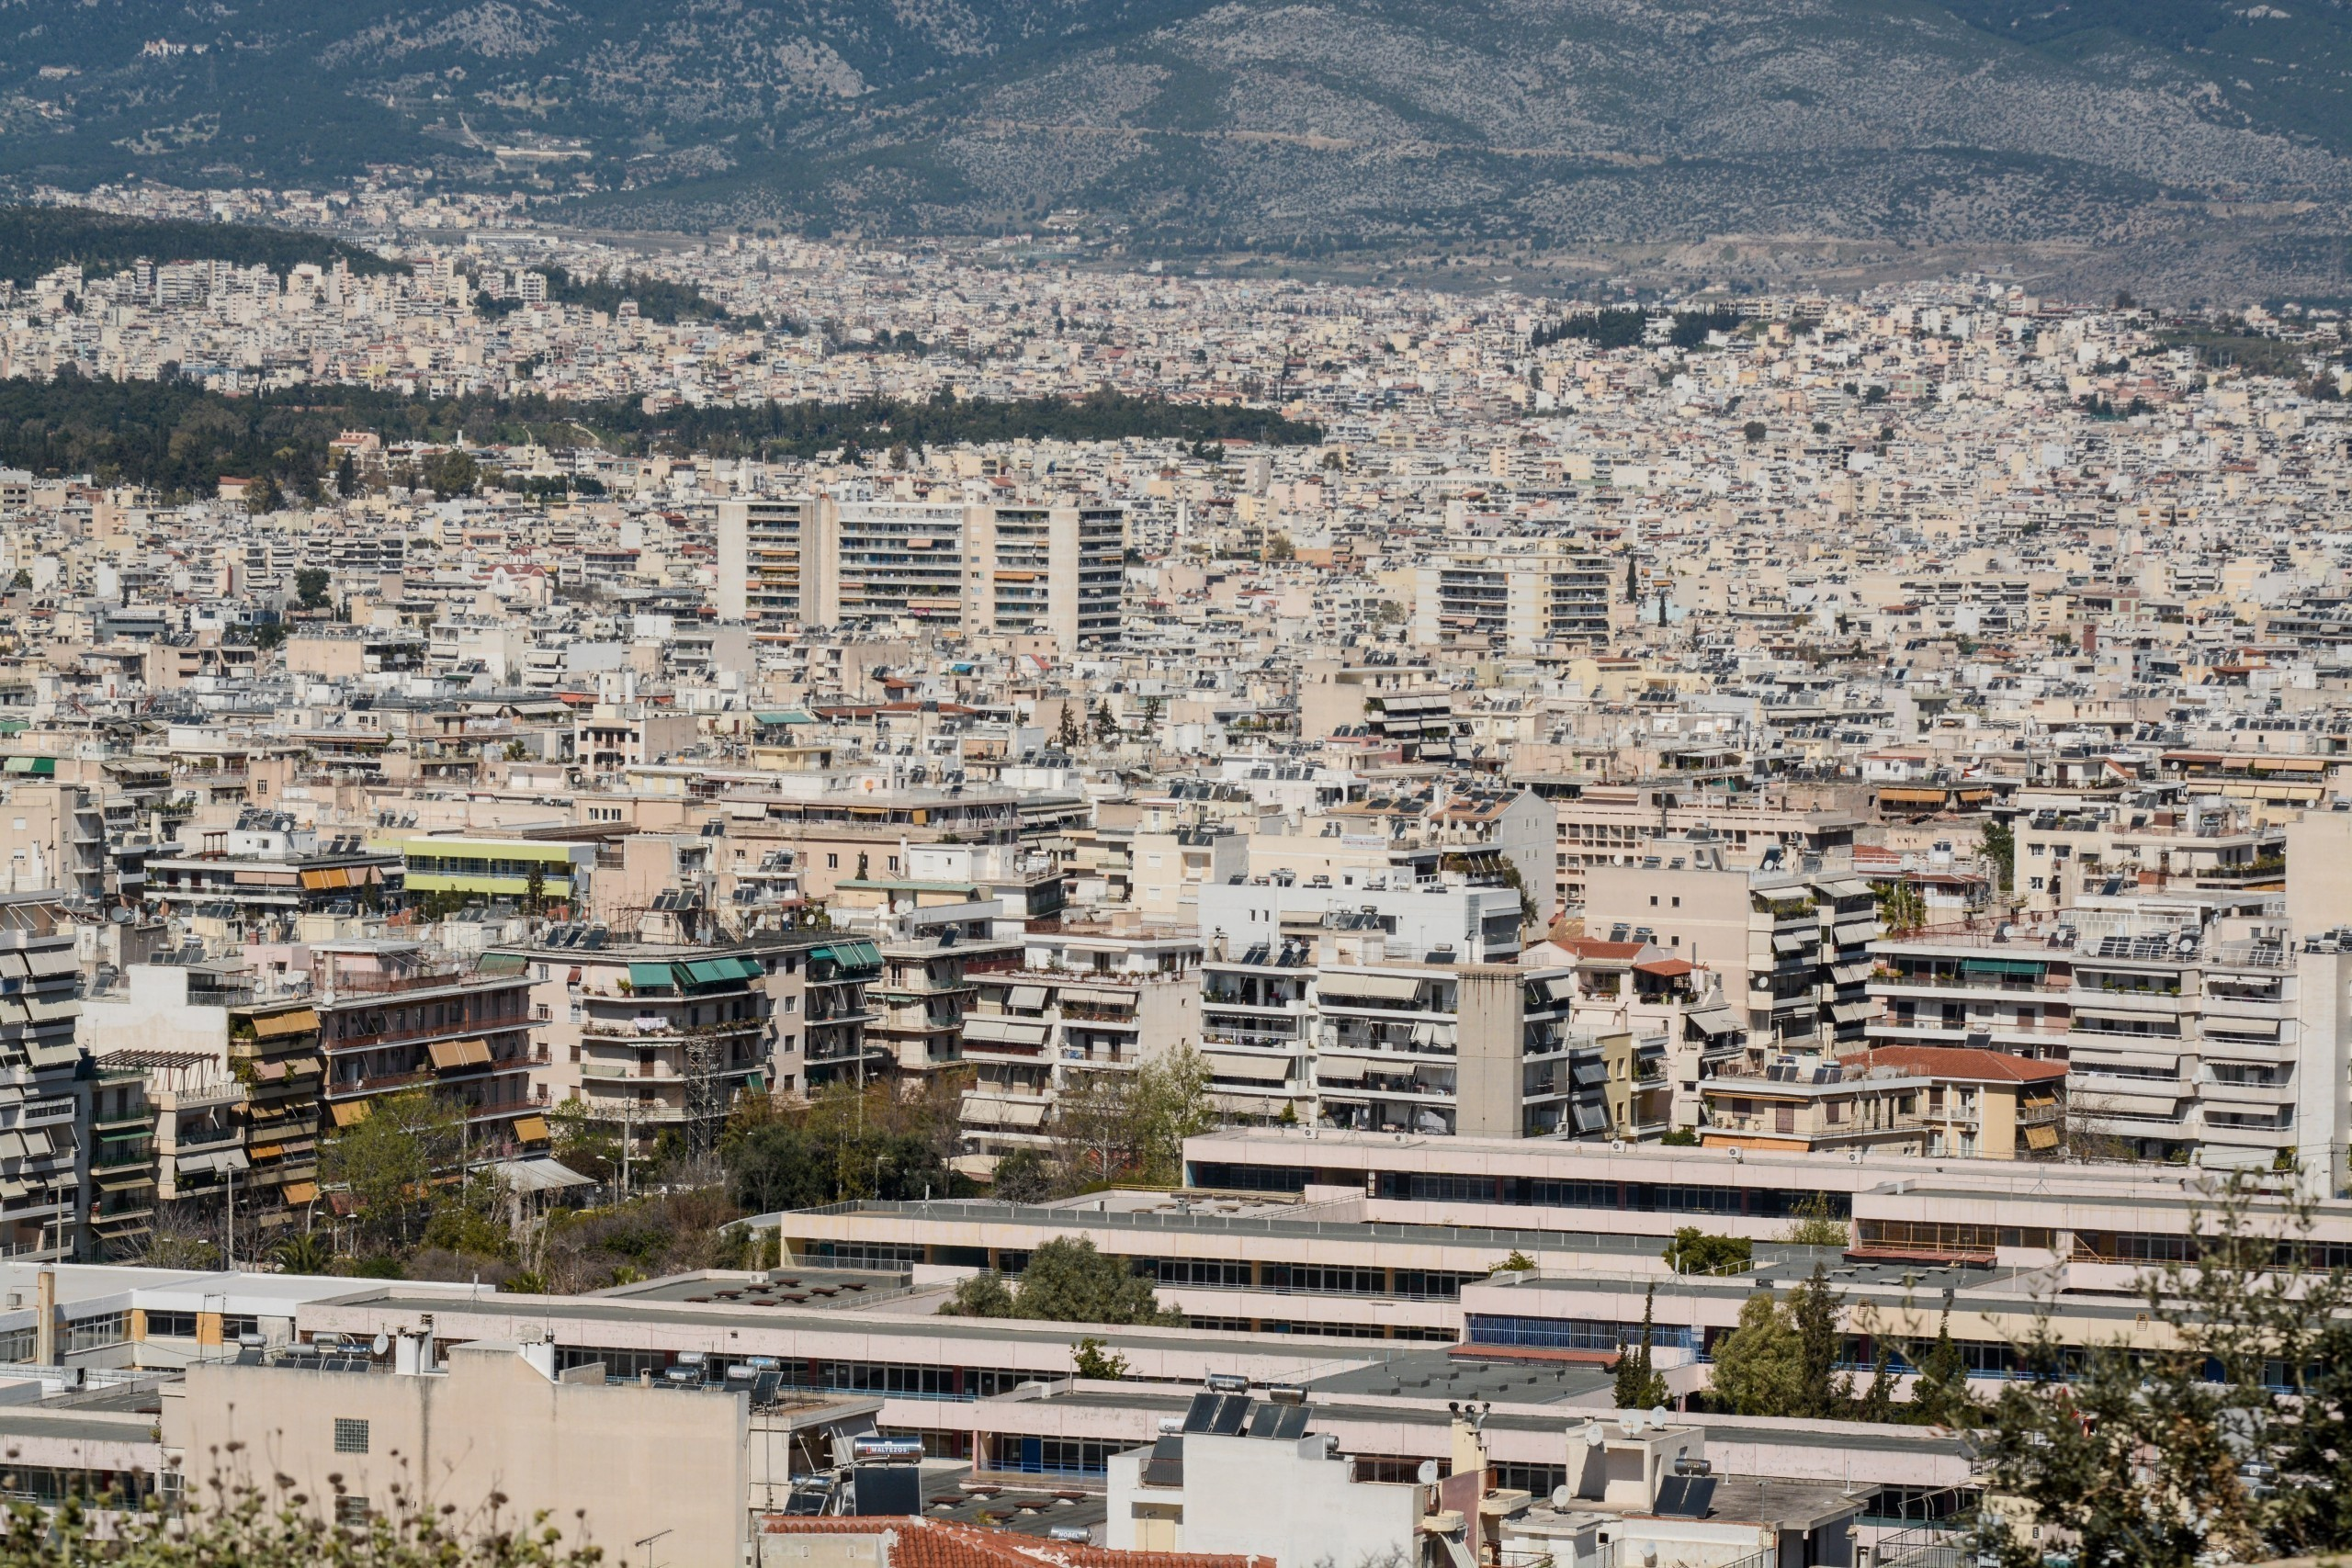 «Κούρεμα» ενοικίων: Πoιοι έχουν μια δεύτερη ευκαιρία για να διεκδικήσουν αποζημιώσεις